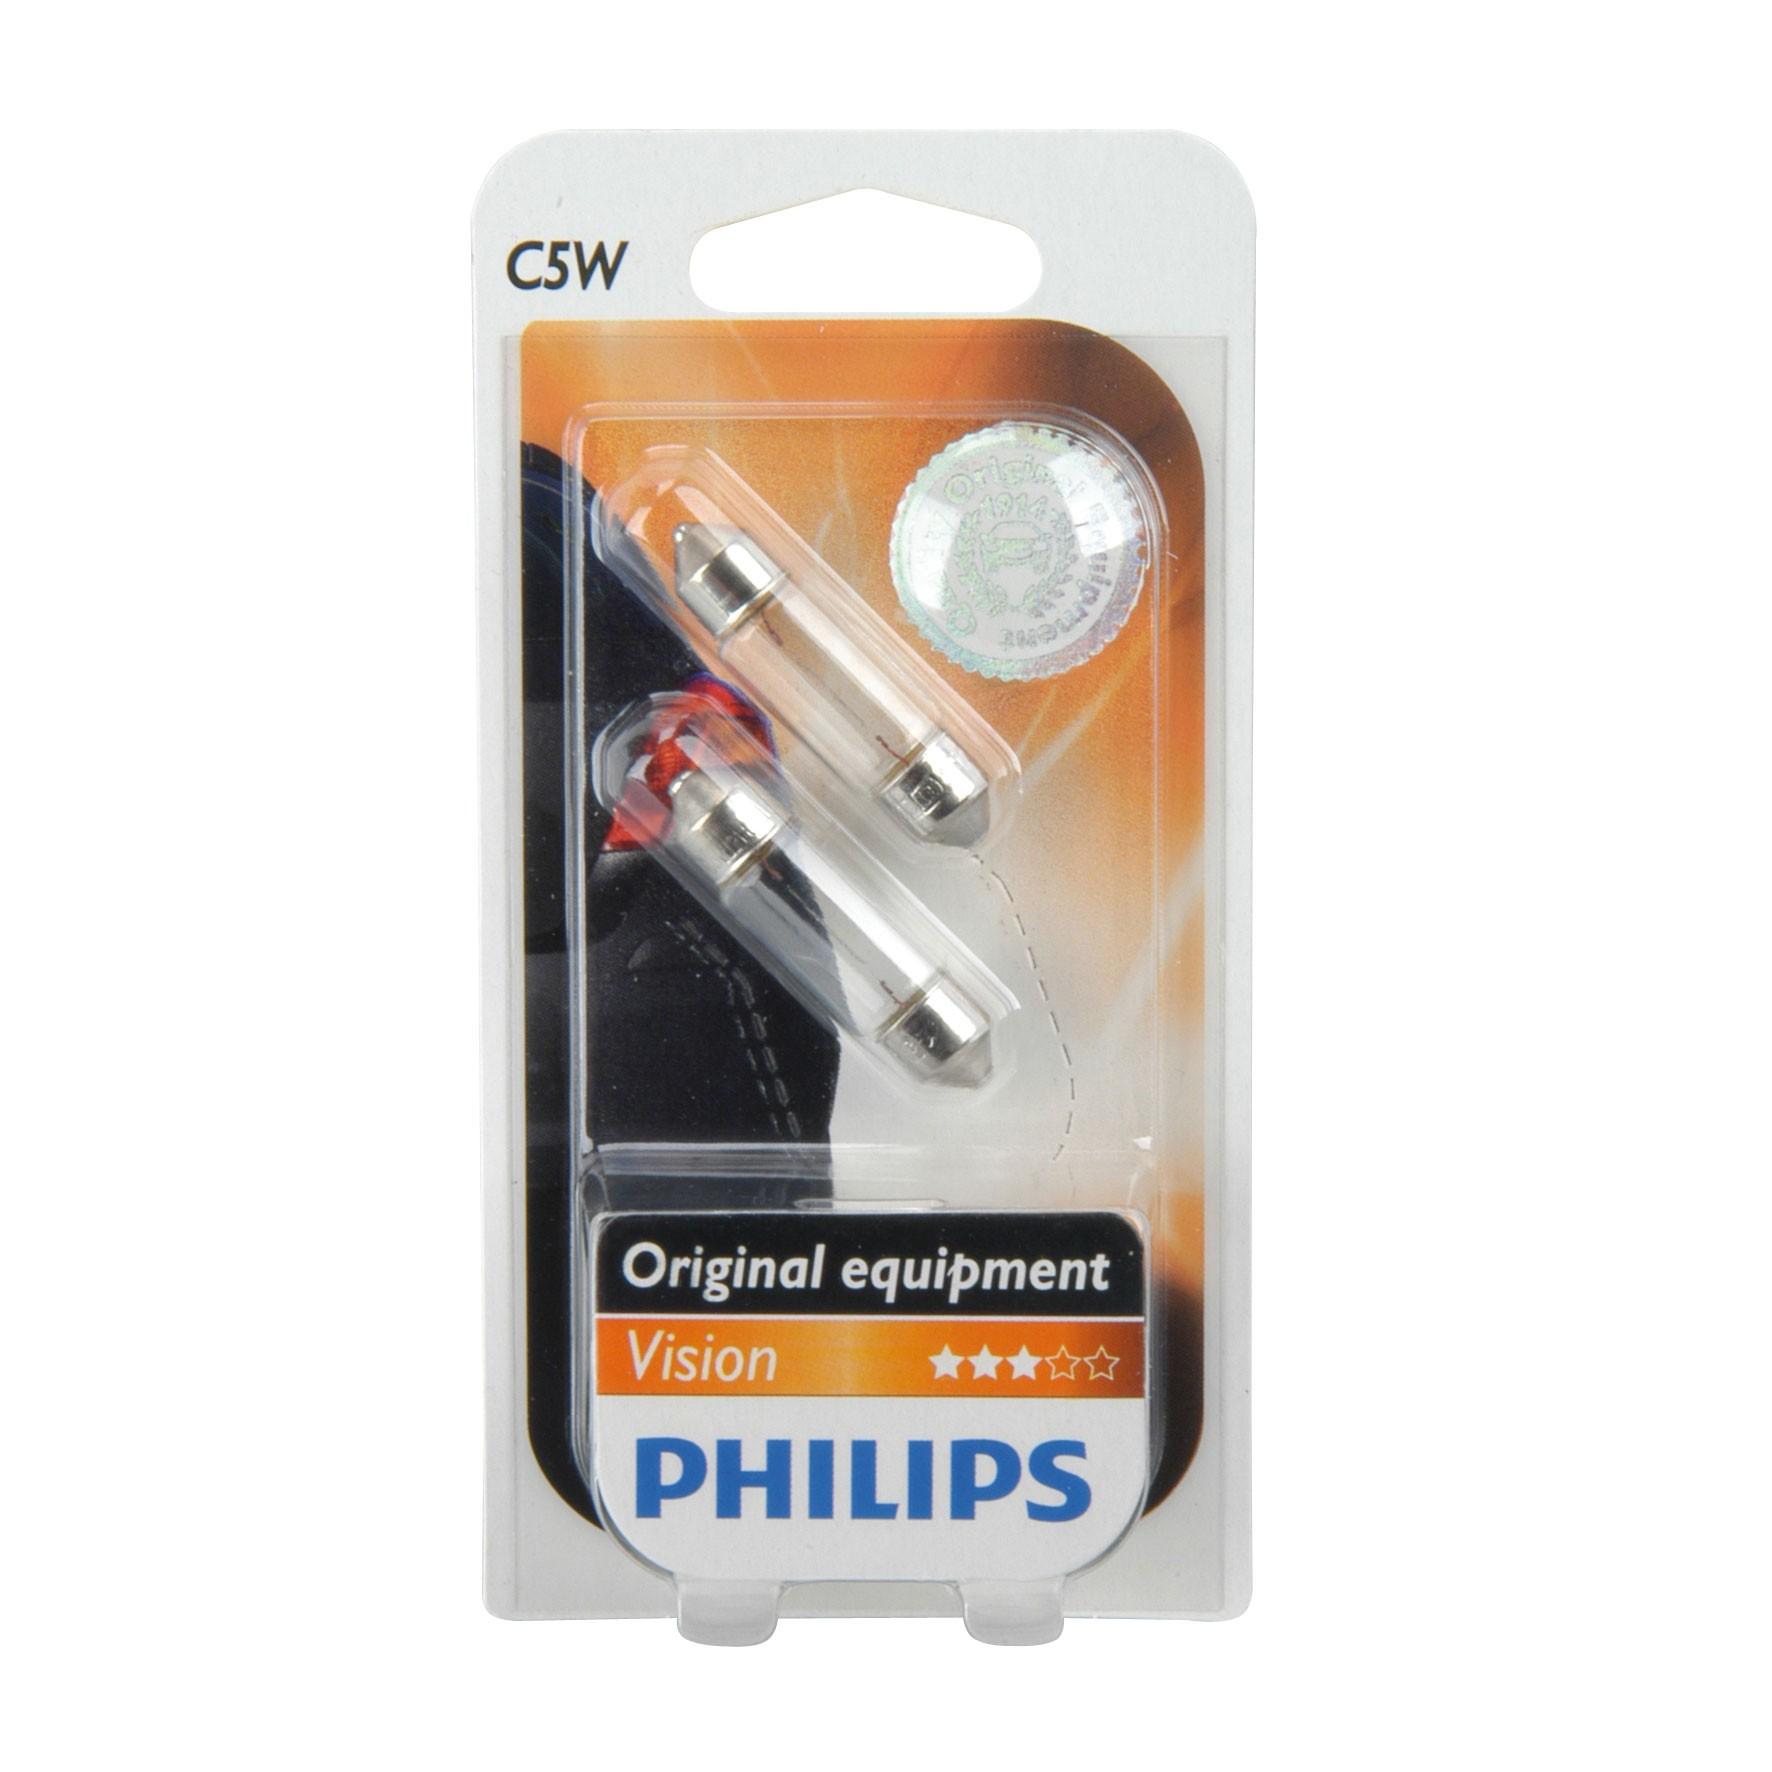 Philips Soffittenlampe C10W 12Volt / 5 Watt 2 Stück - Autobeleuchtung Bild 1